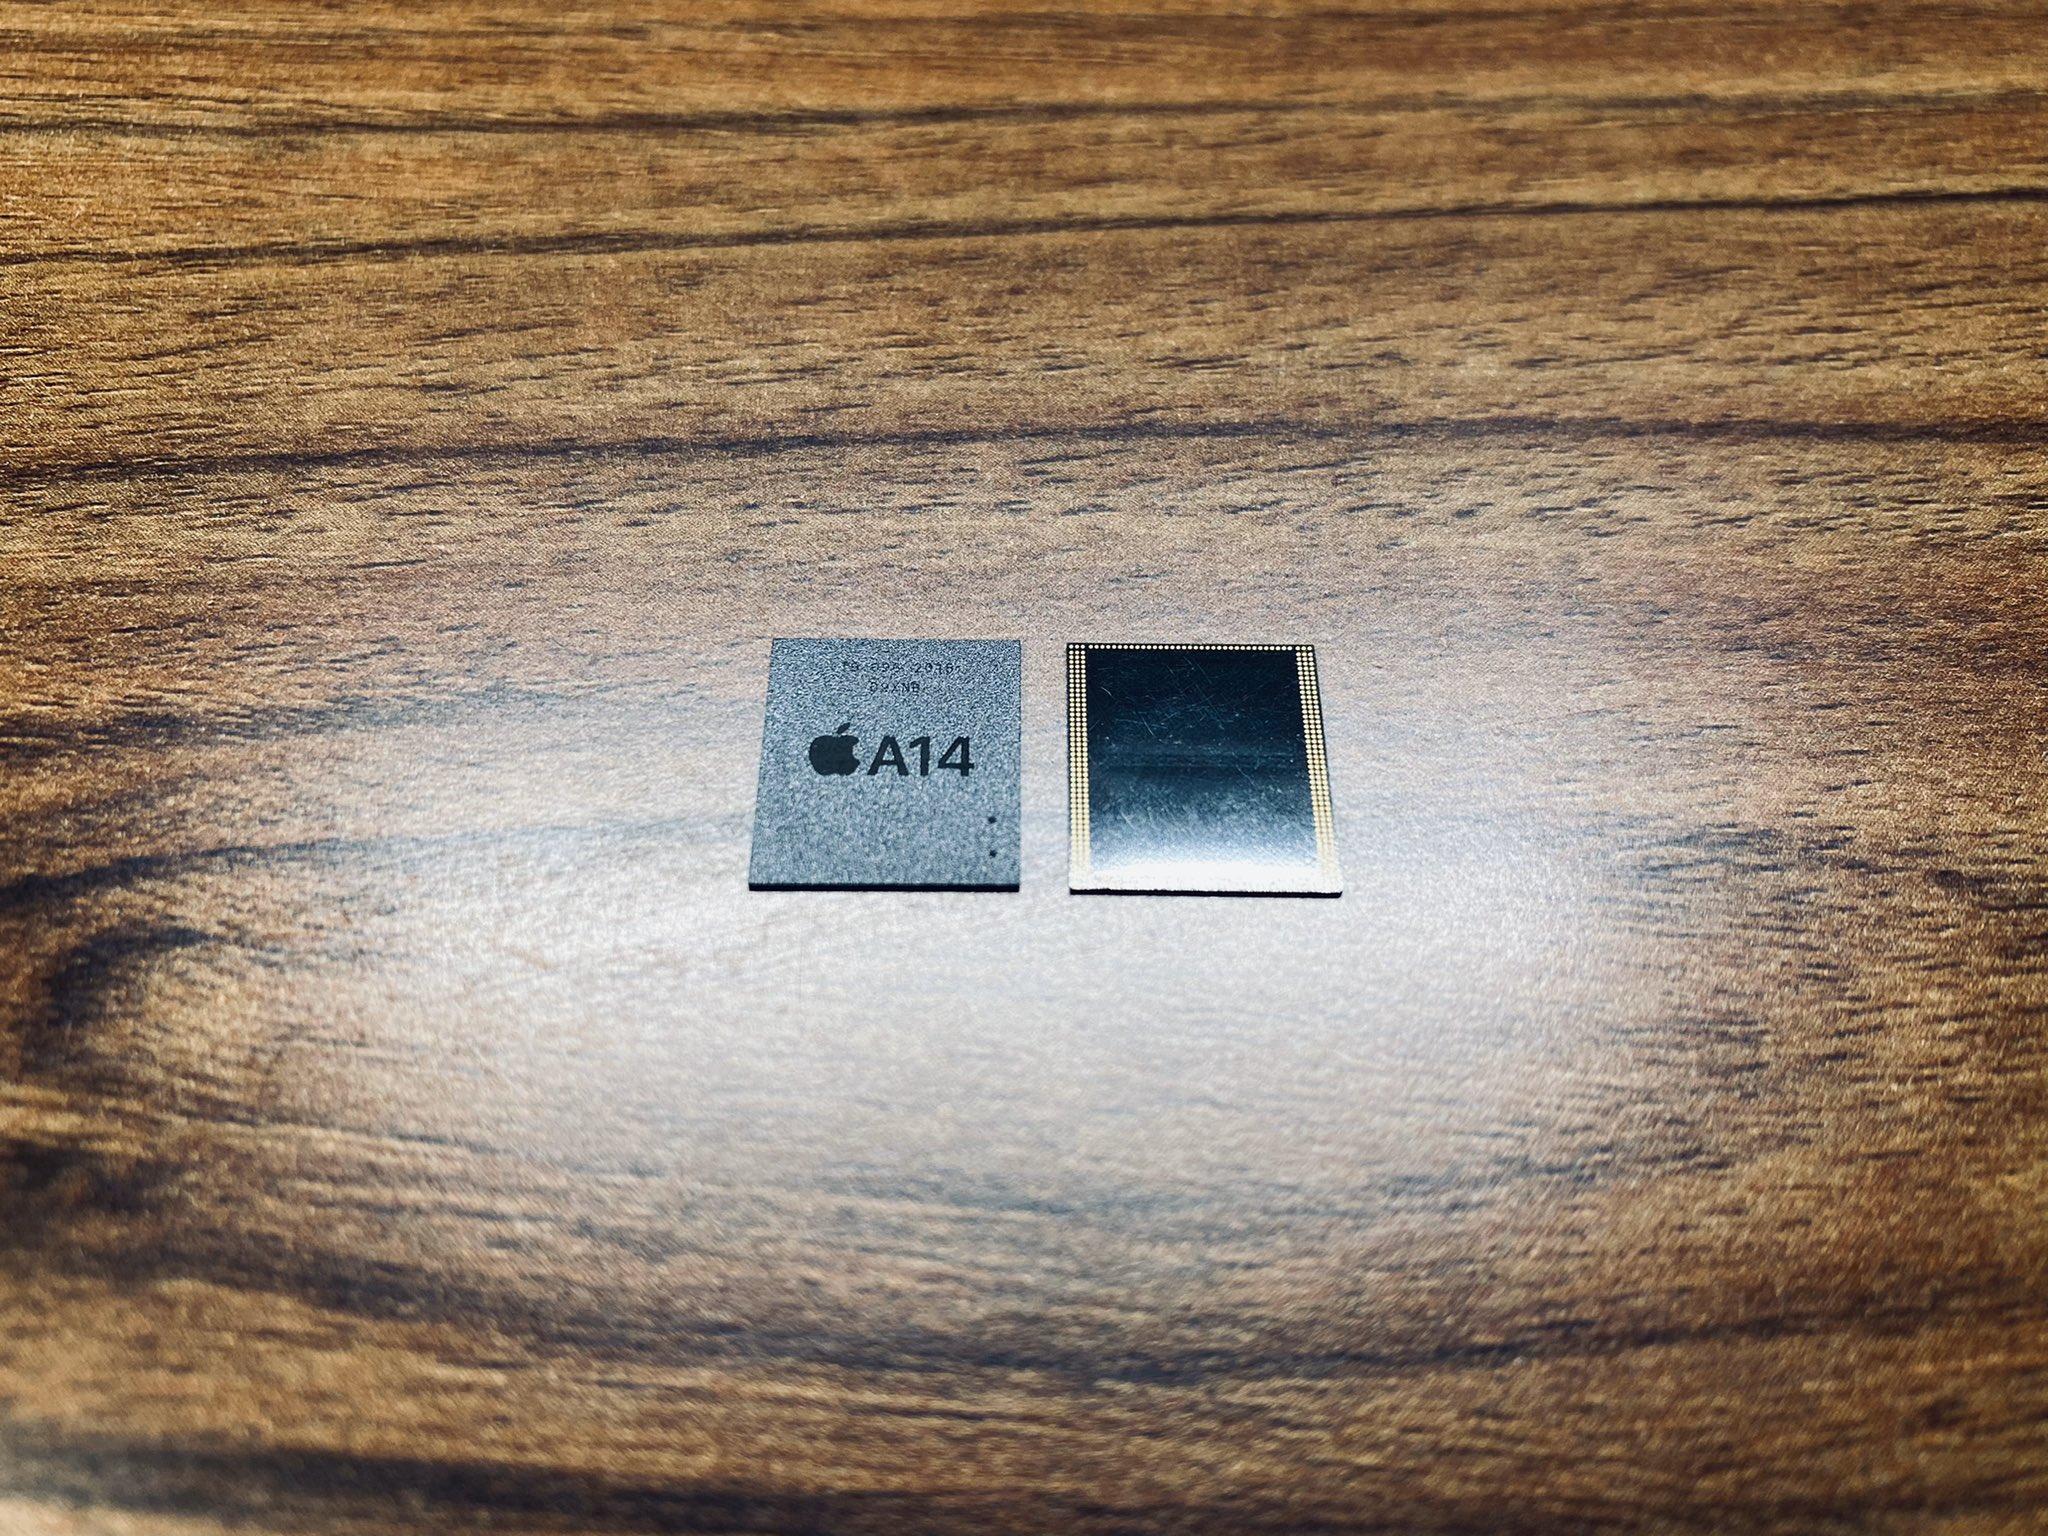 moduł RAM Apple A14 Bionic dla iPhone 12 Pro kiedy premiera plotki przecieki wycieki